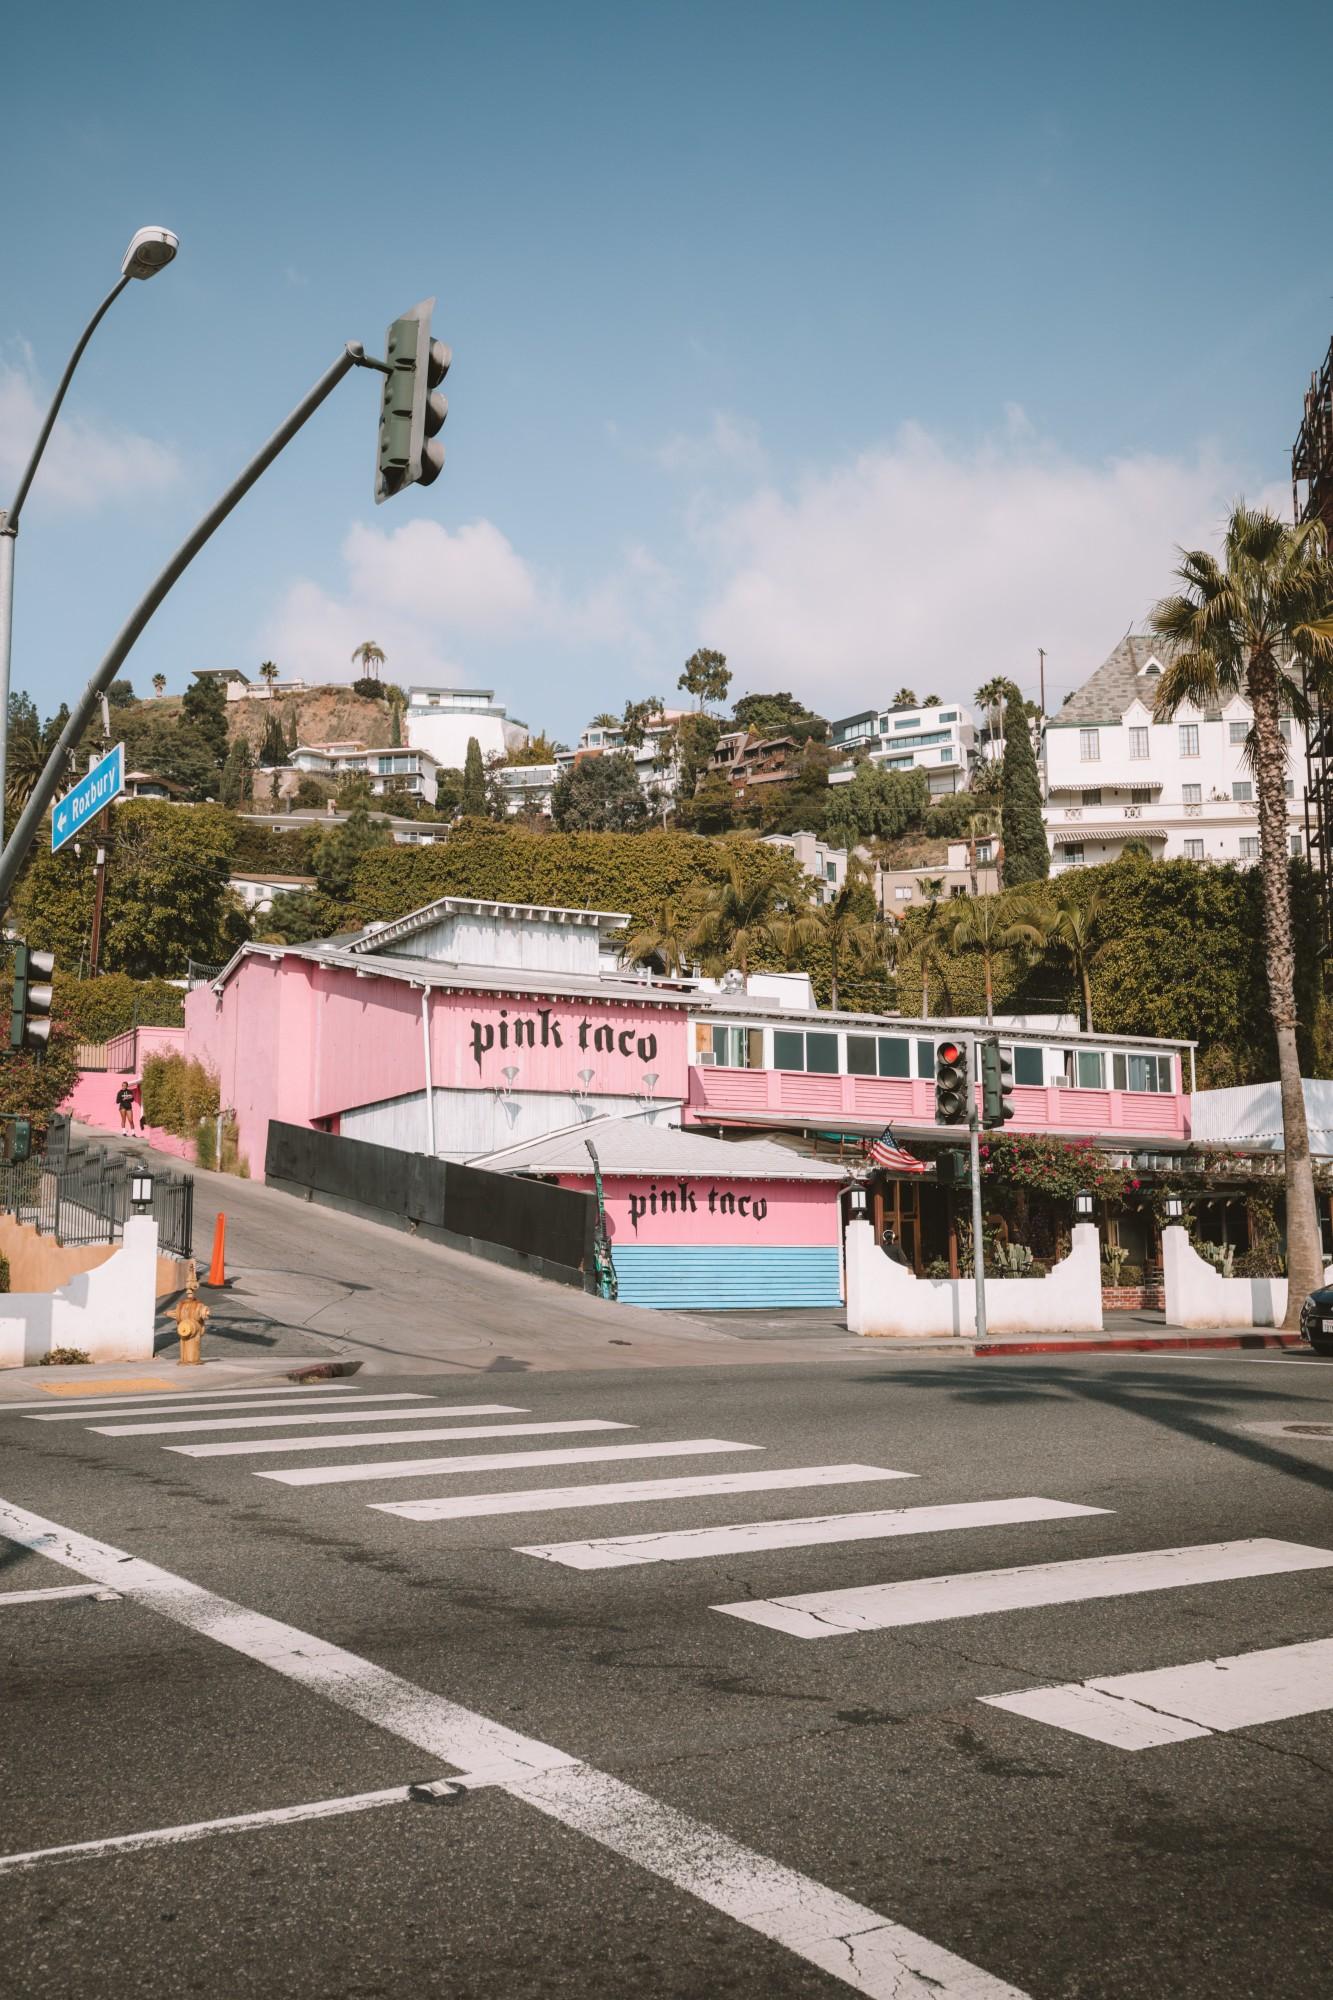 West Hollywood Californie - Blondie Baby blog voyages